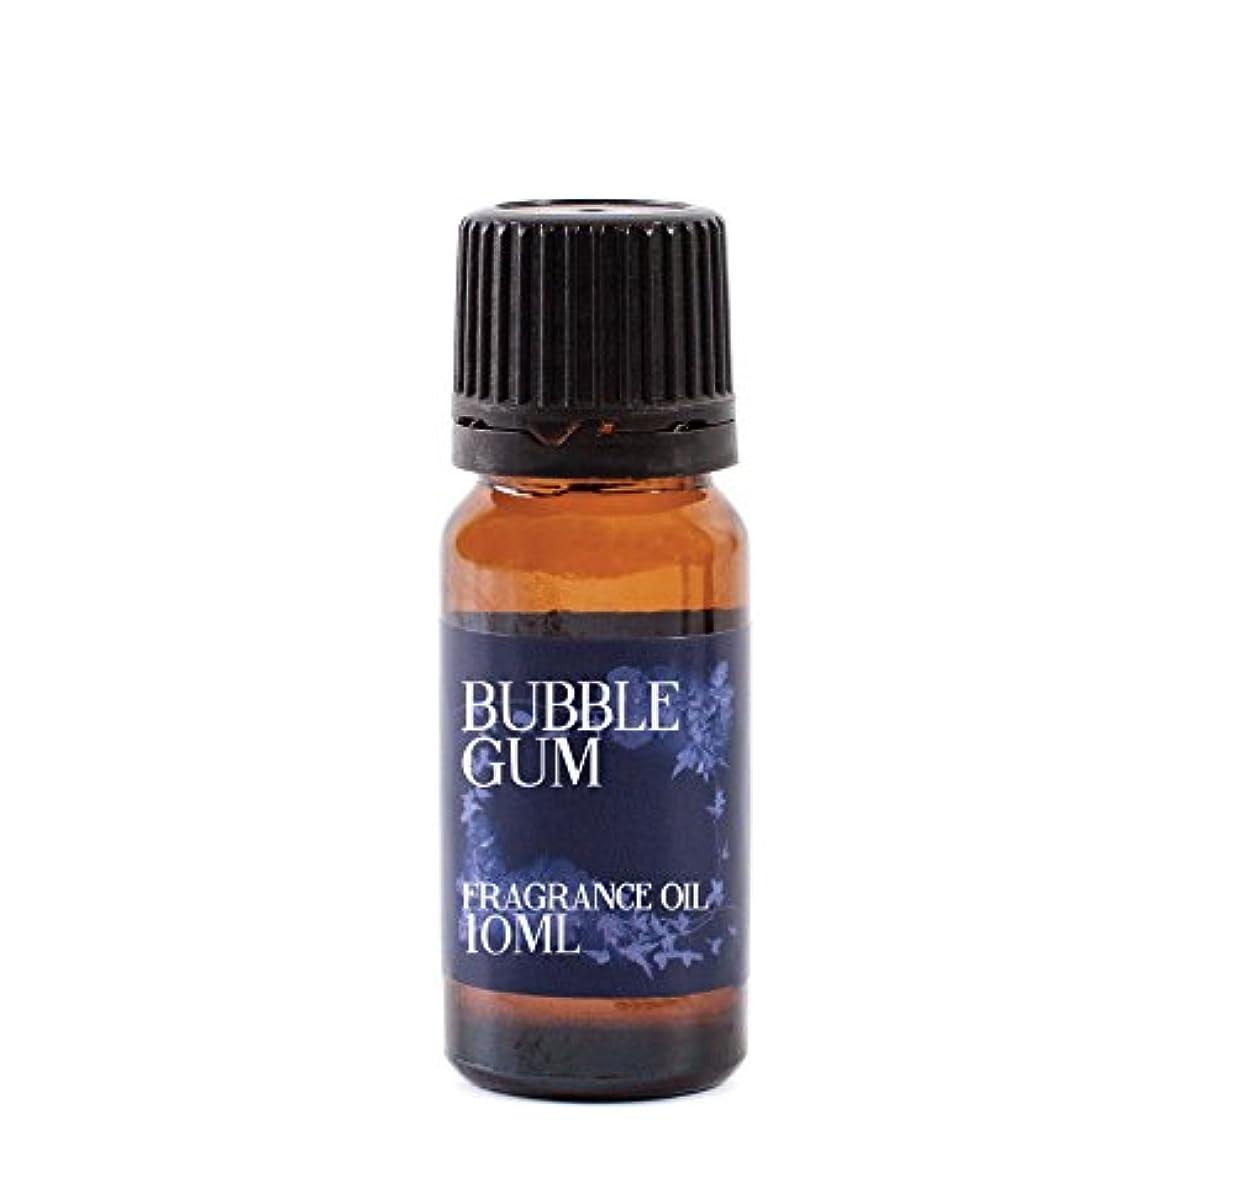 集中的な粘土知覚できるBubble Gum Fragrance Oil - 10ml